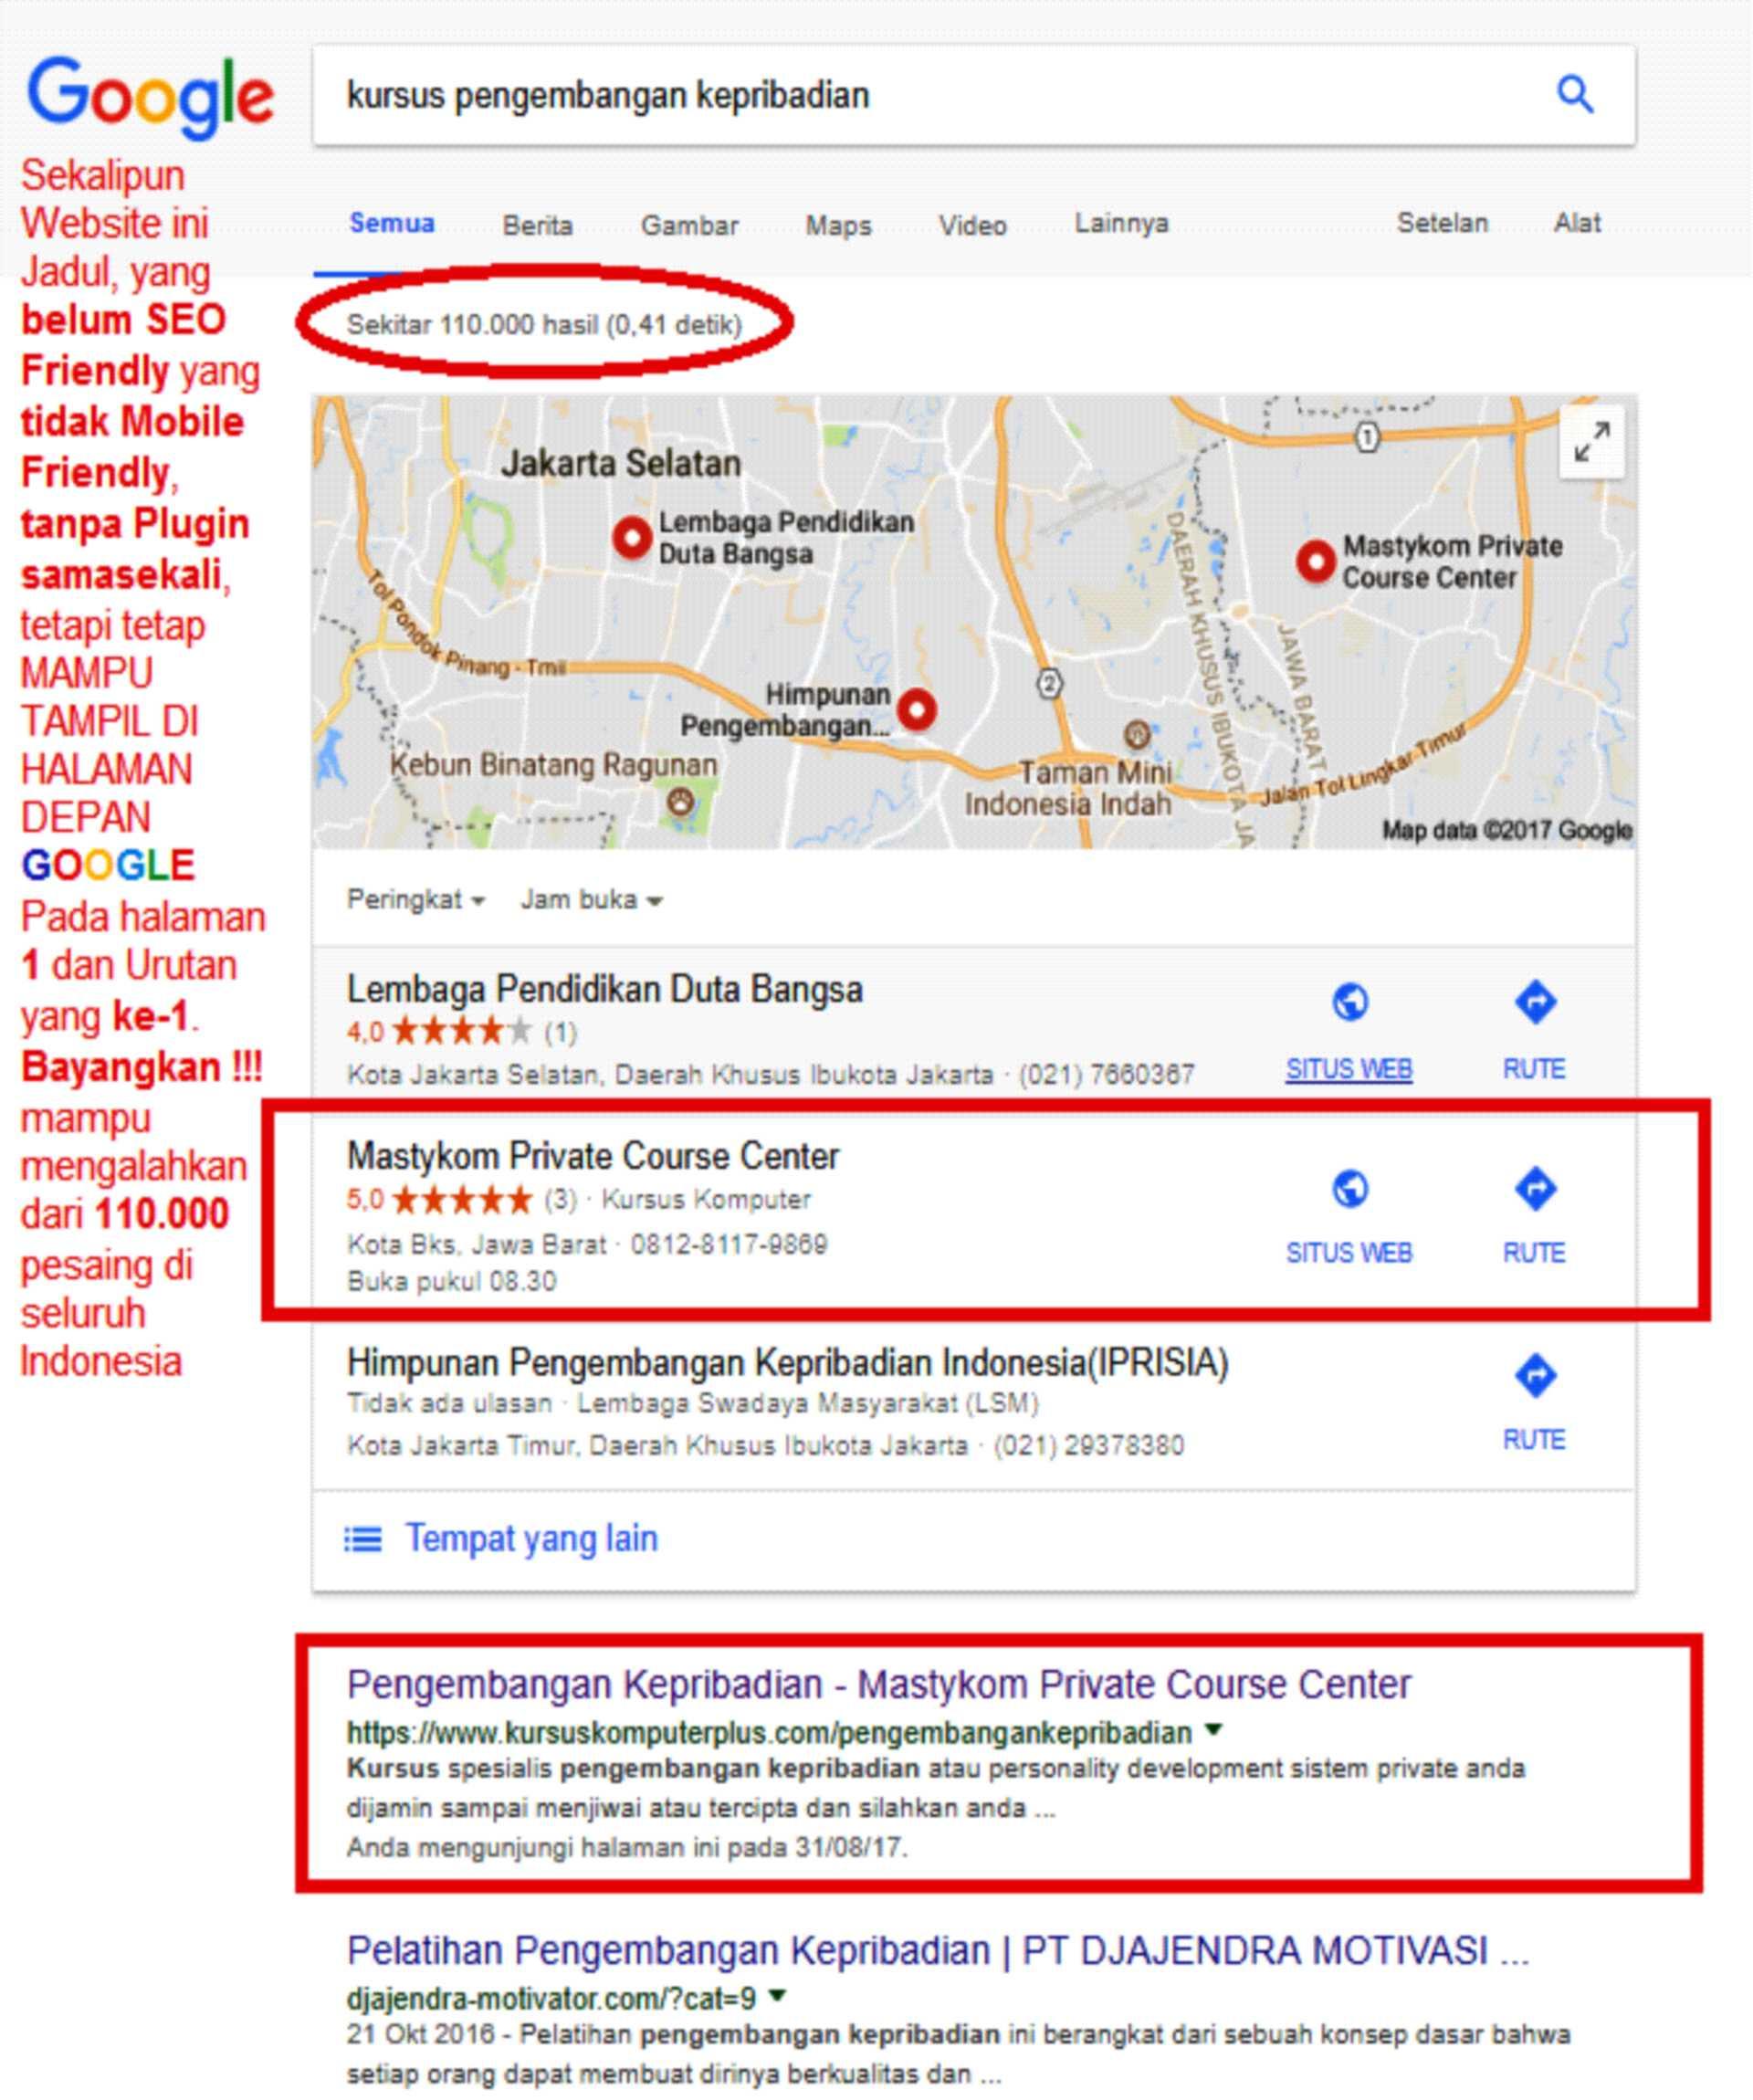 seo, jasa, terbaik, berkualitas, spesialis, halaman, depan, google, urutan, teratas, di, seluruh, indonesia